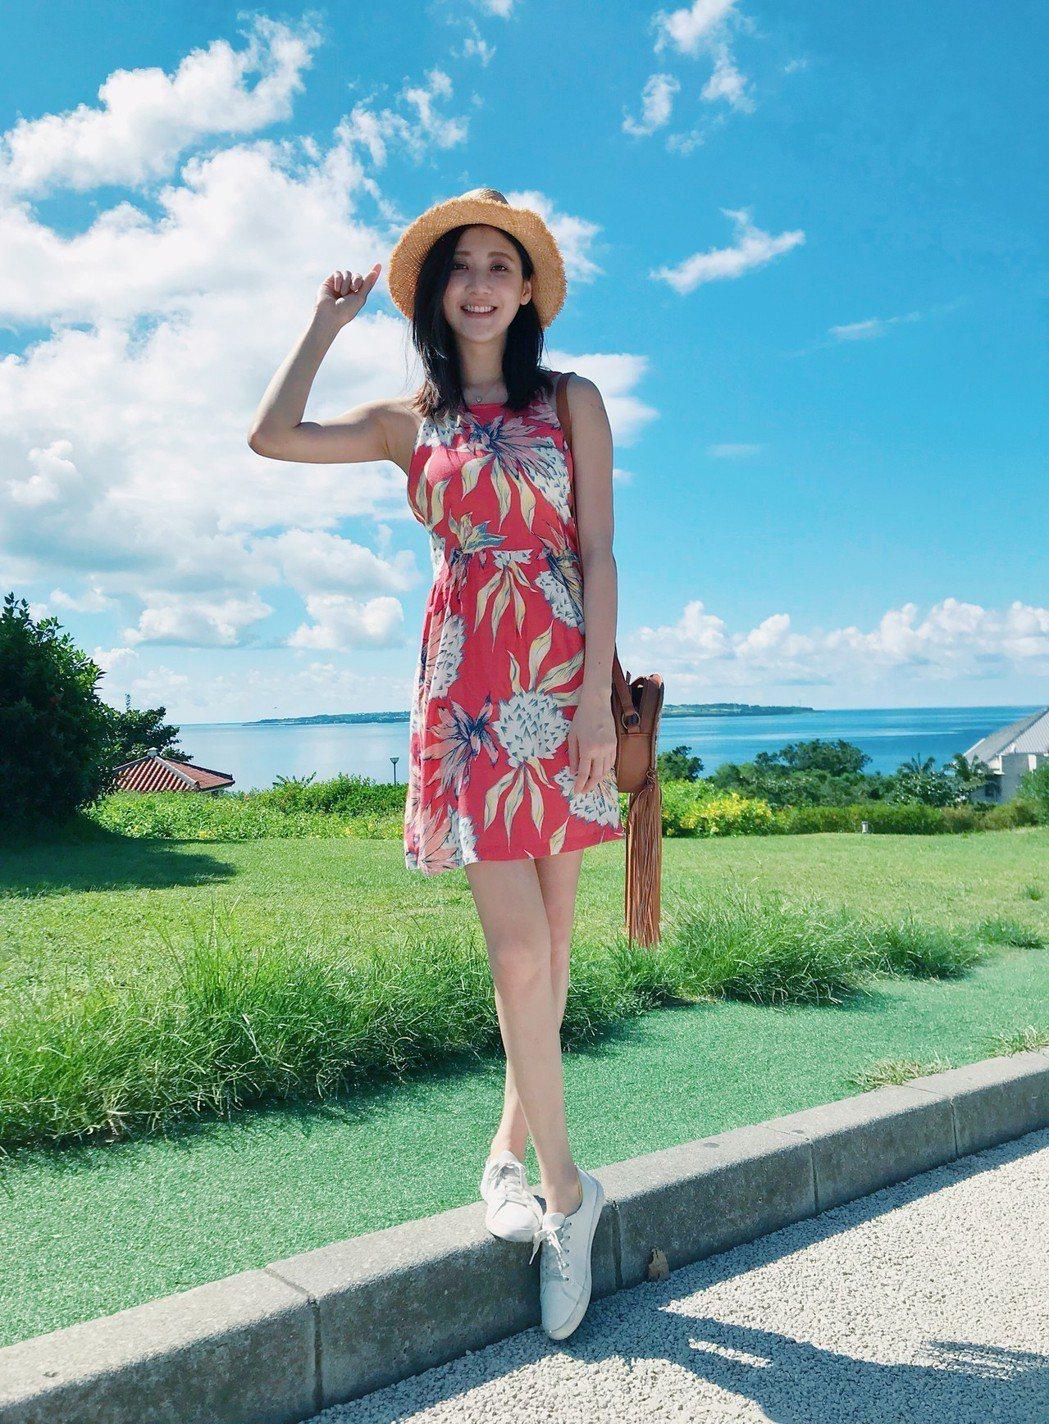 林逸欣赴沖繩旅行。圖/鑫羽工作室提供